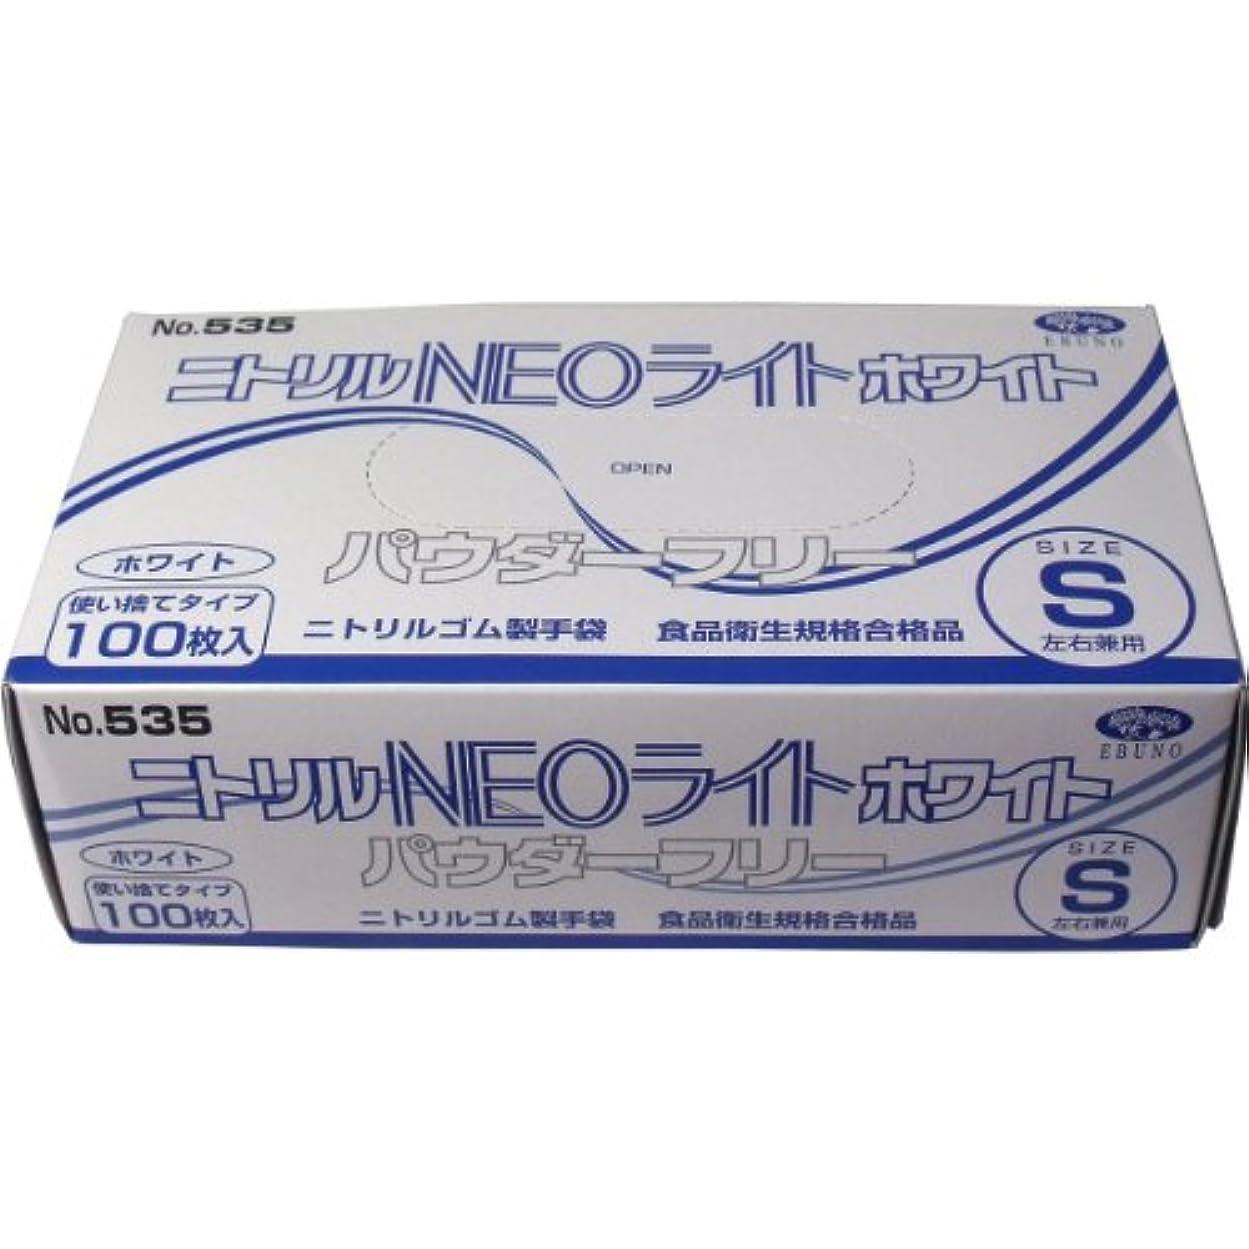 数学ここに製造エブノ No.535 ニトリル手袋 ネオライト パウダーフリー ホワイト Sサイズ 100枚入